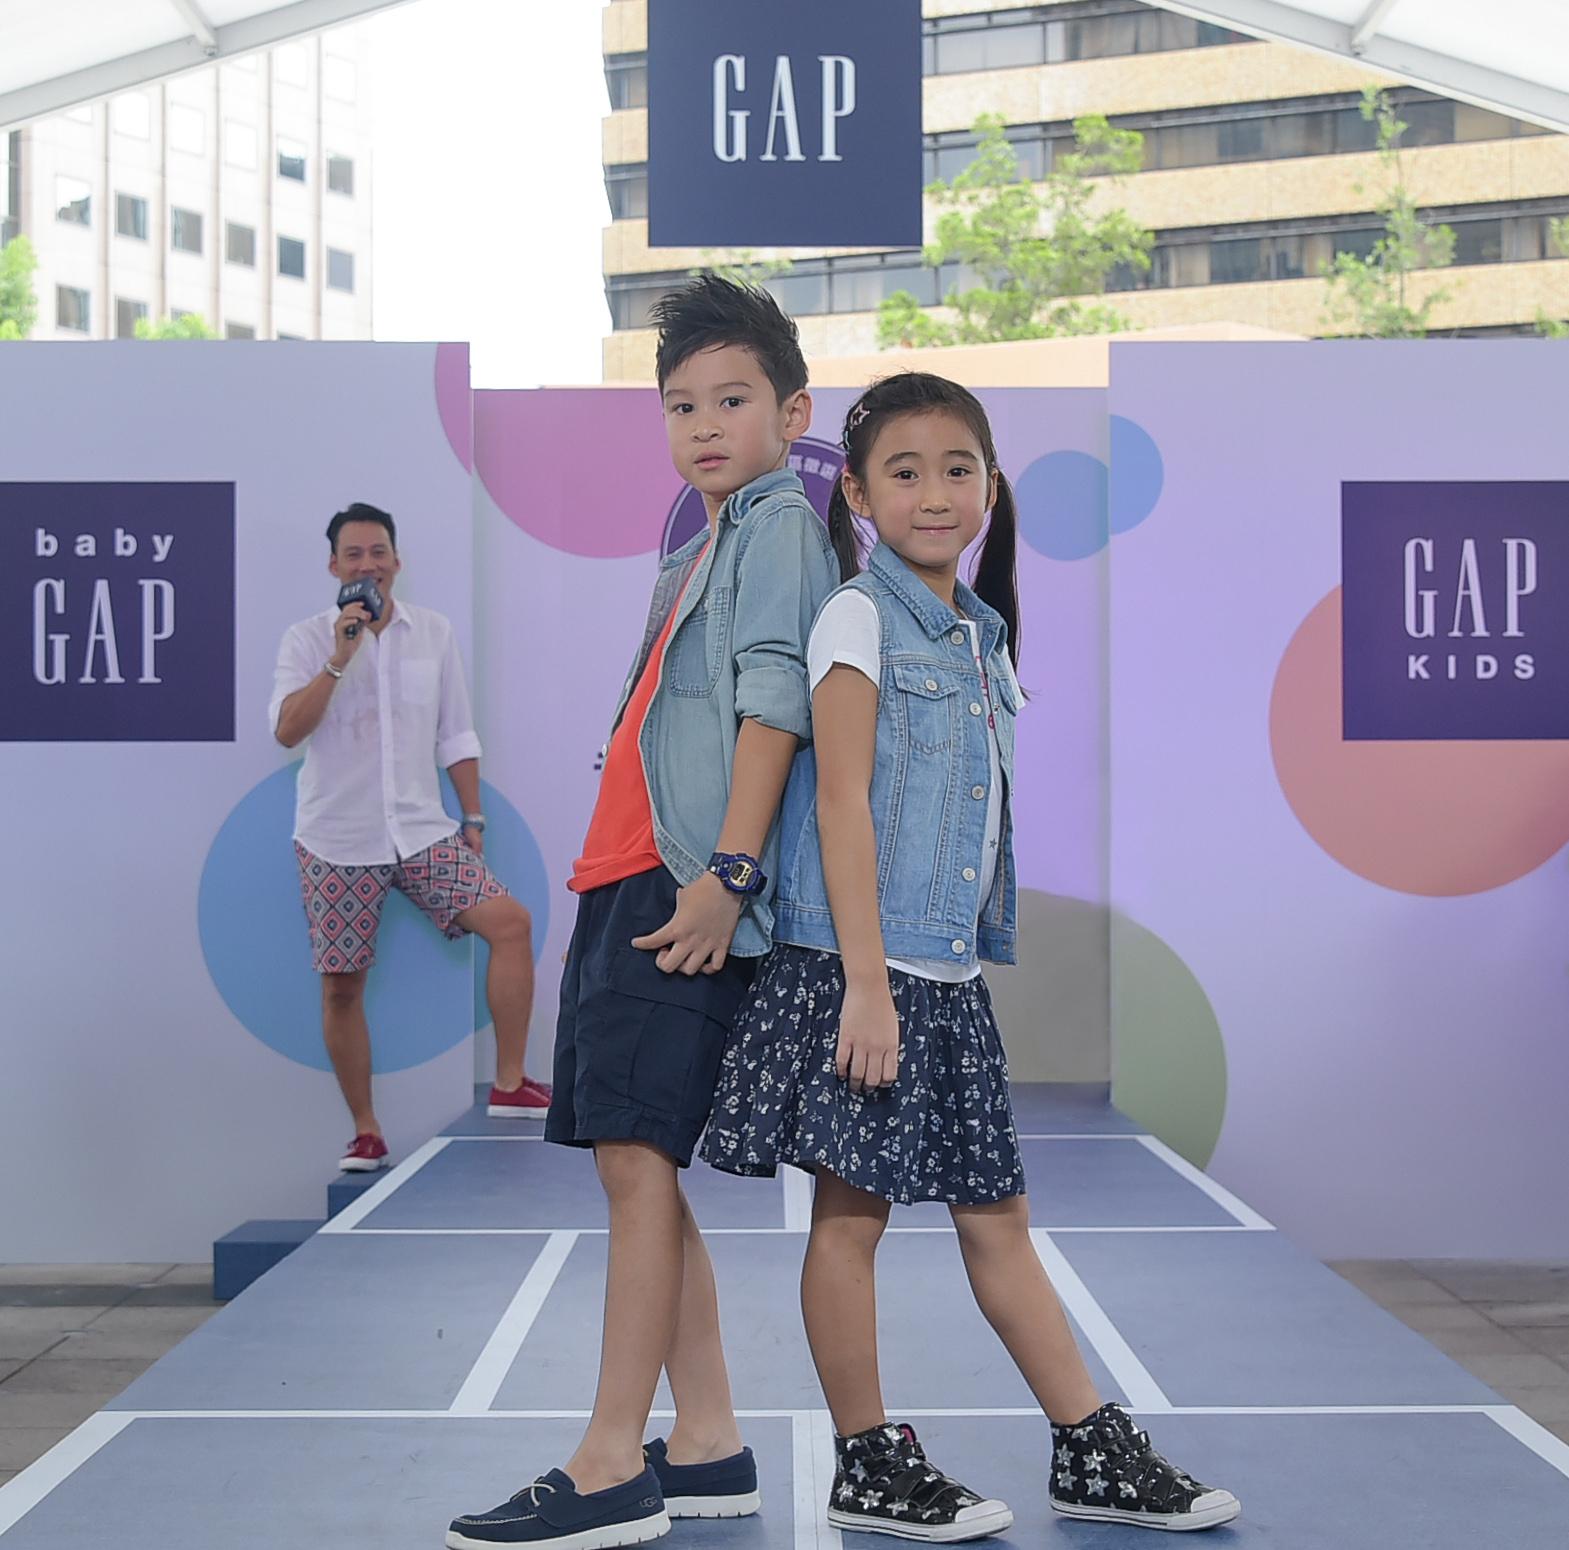 艾力克斯子女Ryder和Makayla為Gap Casting Call全球小小代言人征選大中華區活動巡演獻上首次走秀 1